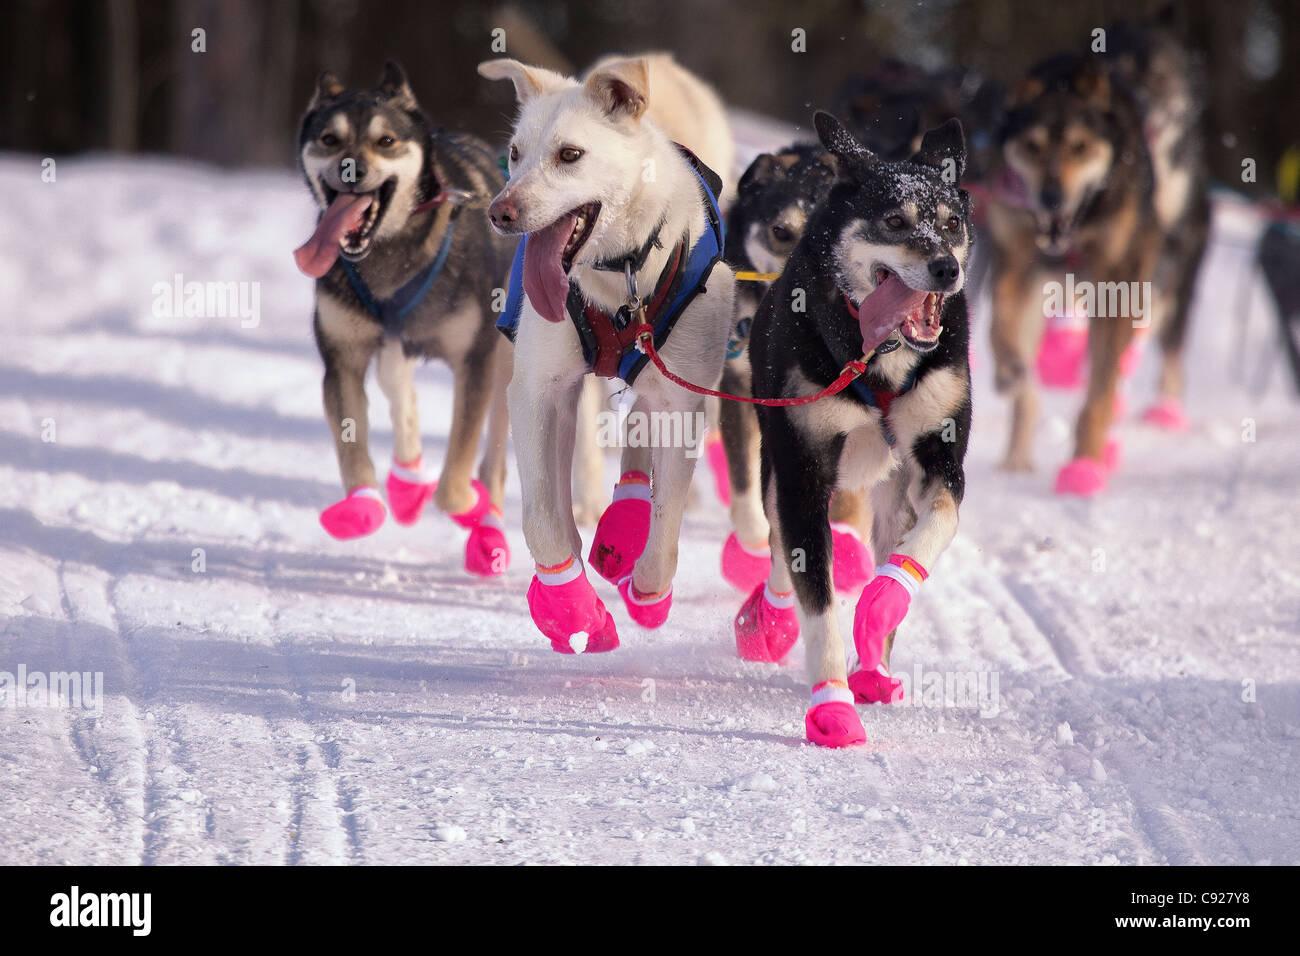 Newton Marshall Lead Hunde laufen während der 2011 Iditarod zeremonielle Start in Anchorage, Alaska Yunan, Stockbild